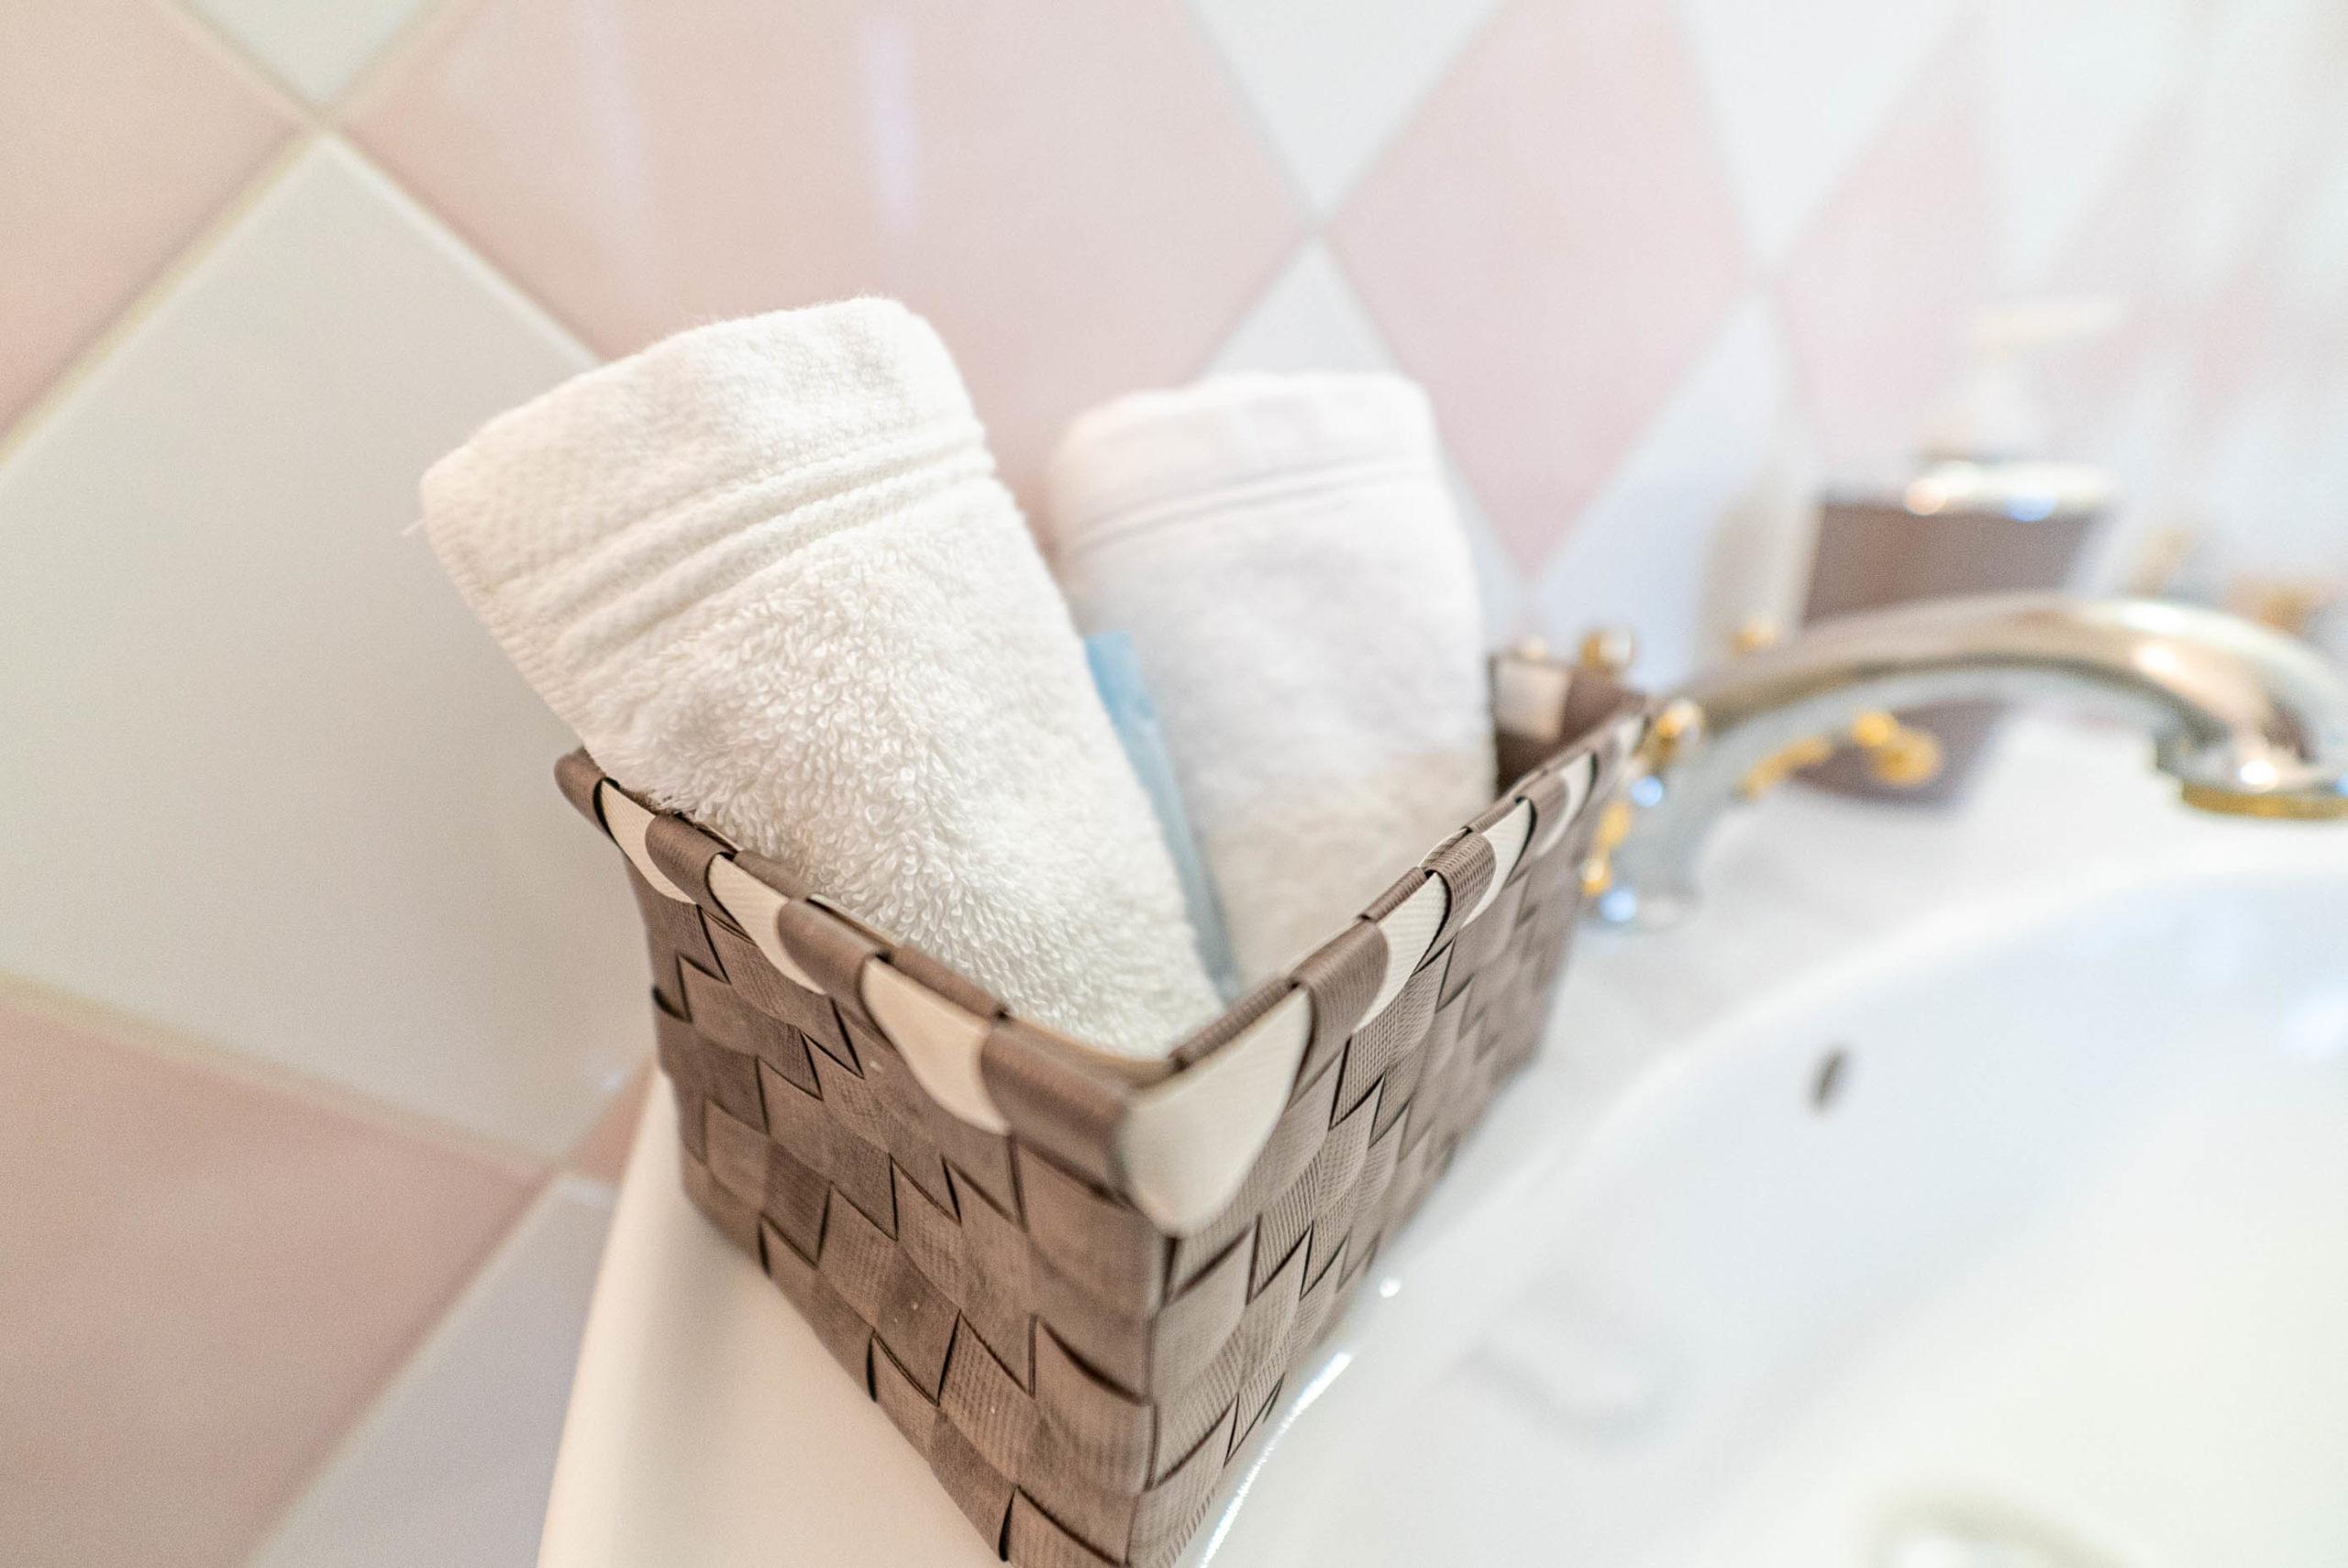 Serviette salle de bain suite marquise chateau Rauly location bergerac Monbazillac